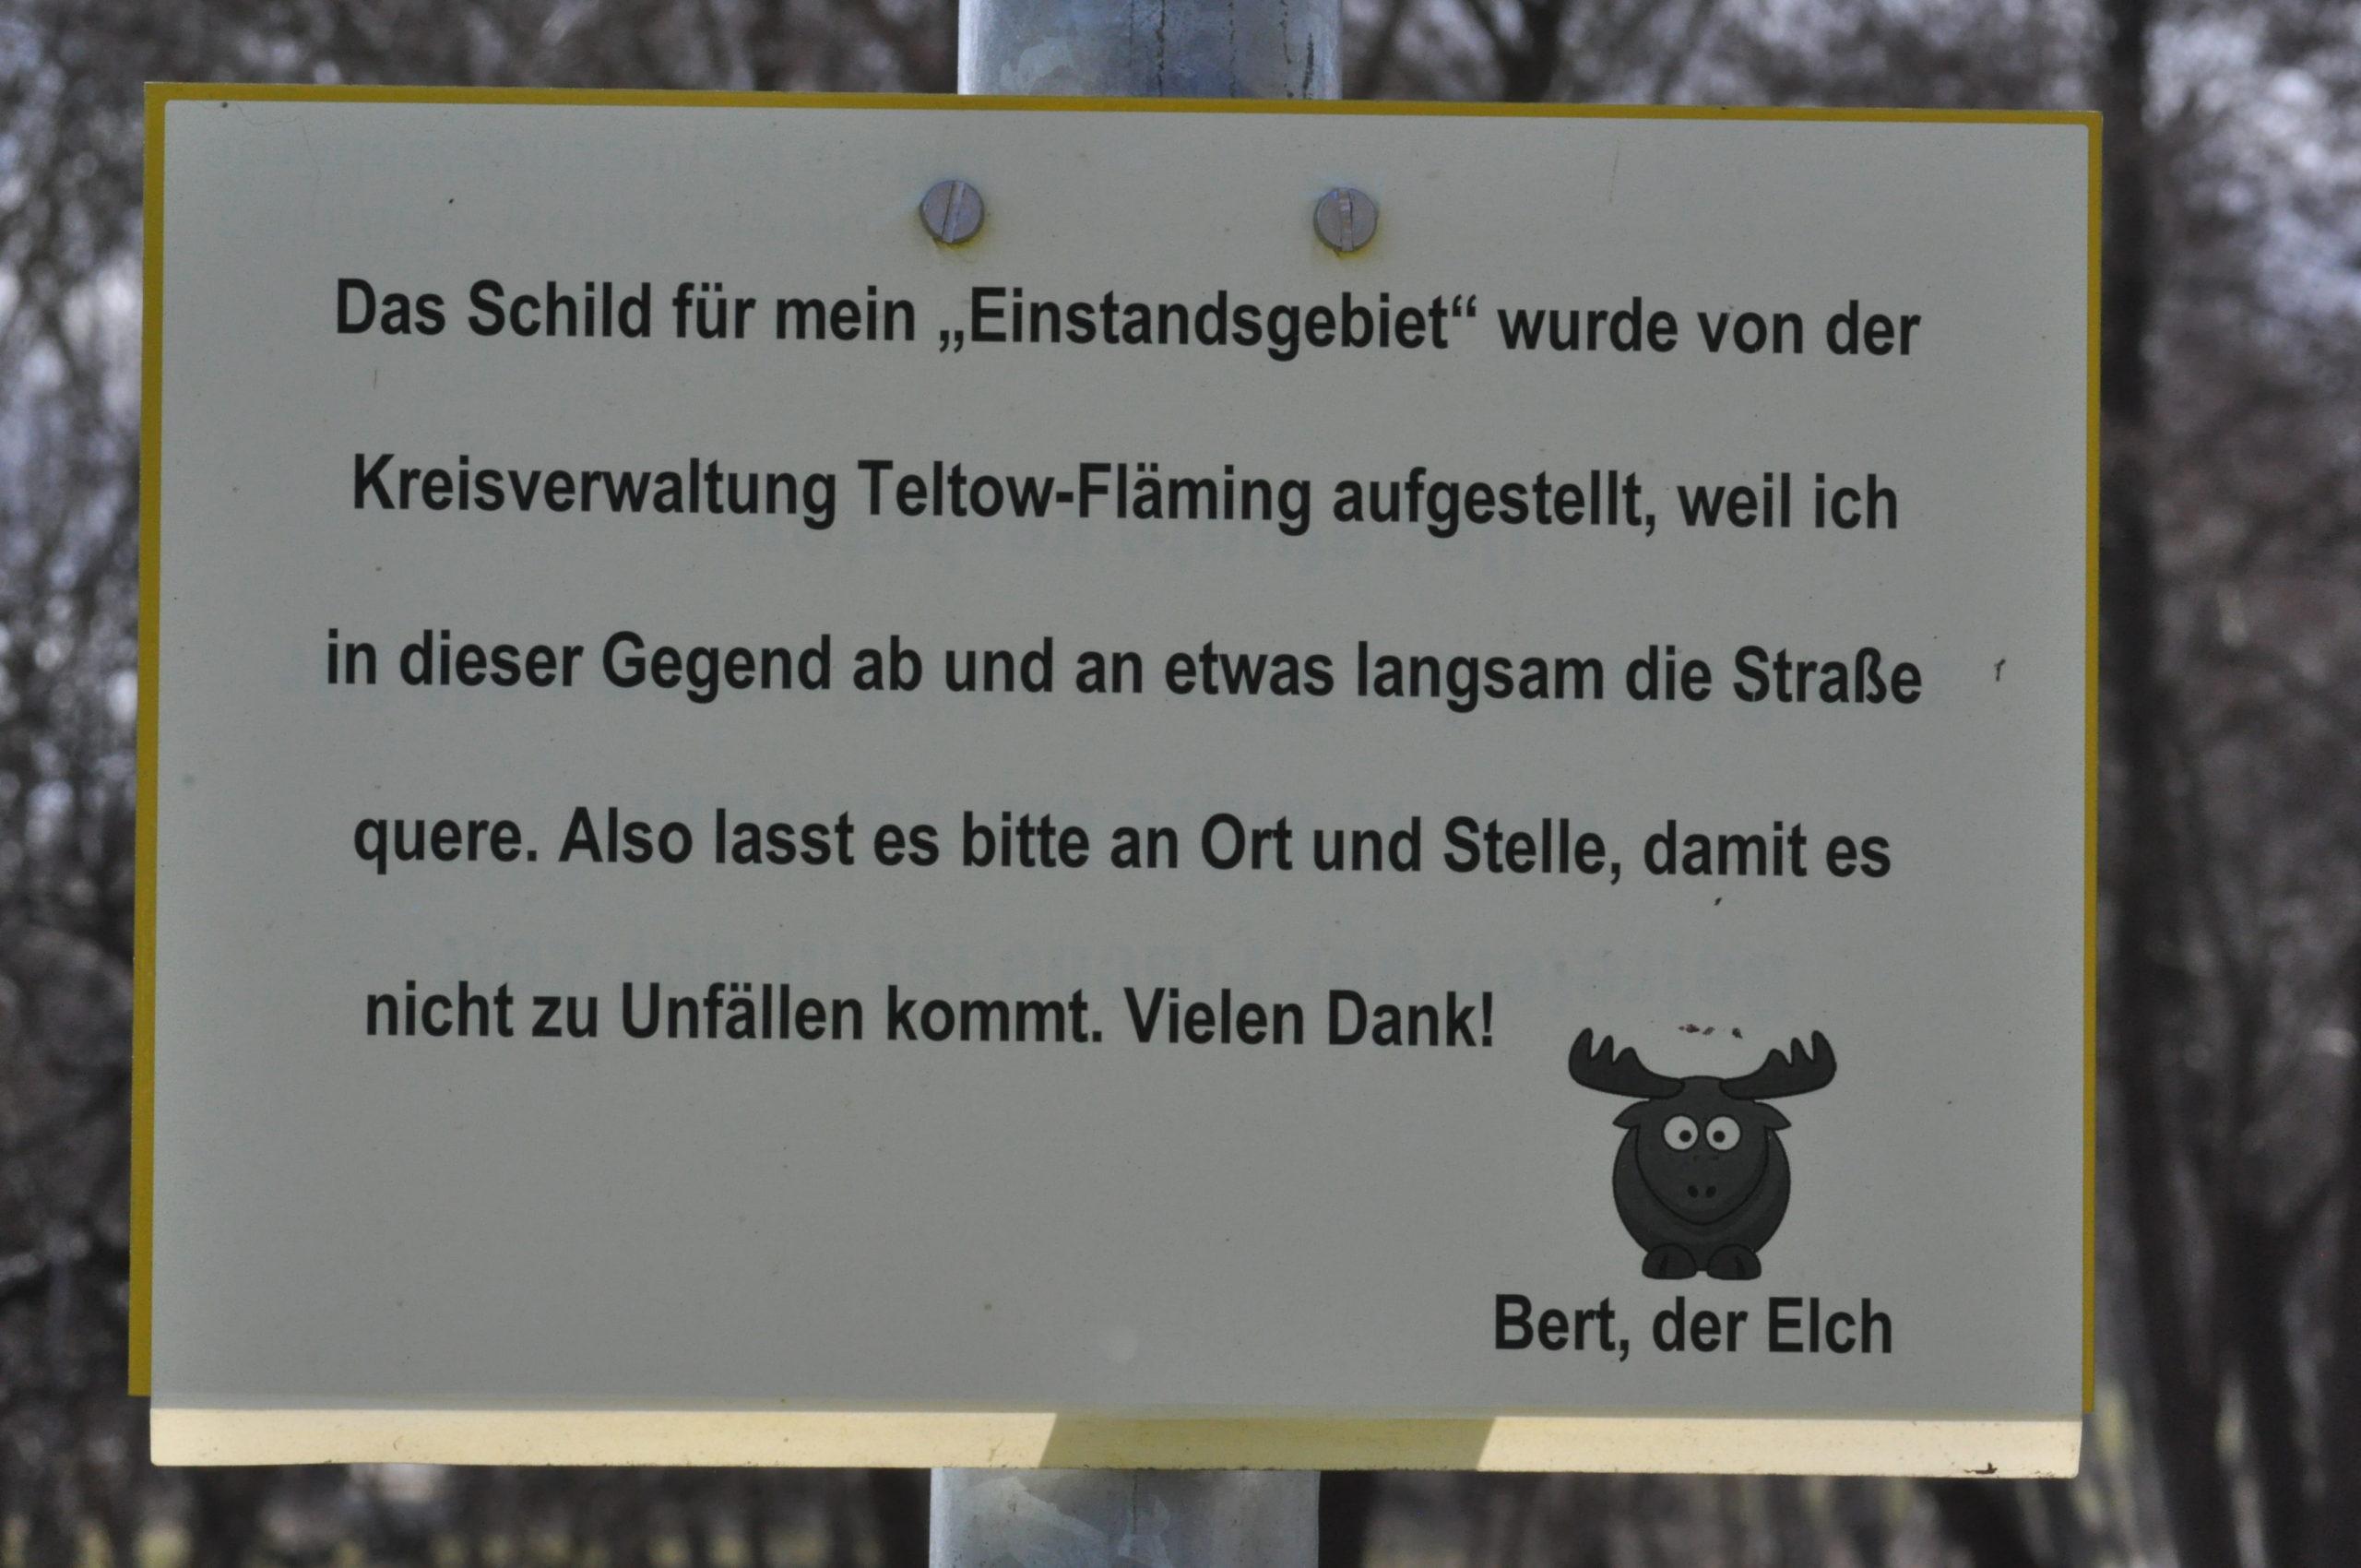 """Das Schild für mein """"Einstandsgebiet"""" wurde von der Kreisverwaltung Teltow-Fläming aufgestellt, weil ich in dieser Gegend ab und an etwas langsam die Straße quere. Also lasst es bitte an Ort und Stelle, damit es nicht zu Unfällen kommt. Vielen Dank! Bert, der Elch"""